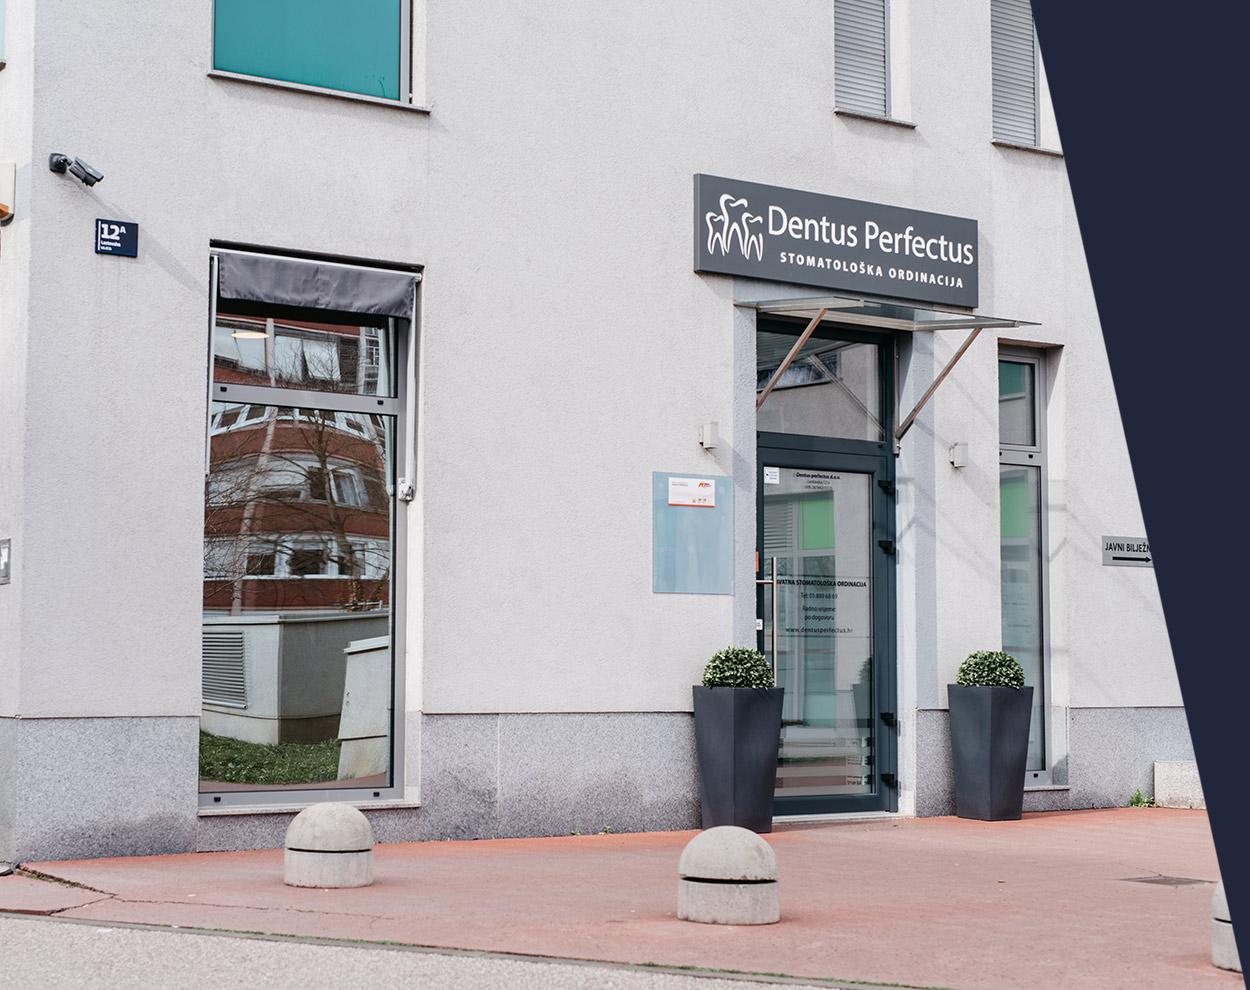 Dentus perfectus - Lastovska 12a - stomatološka ordinacija